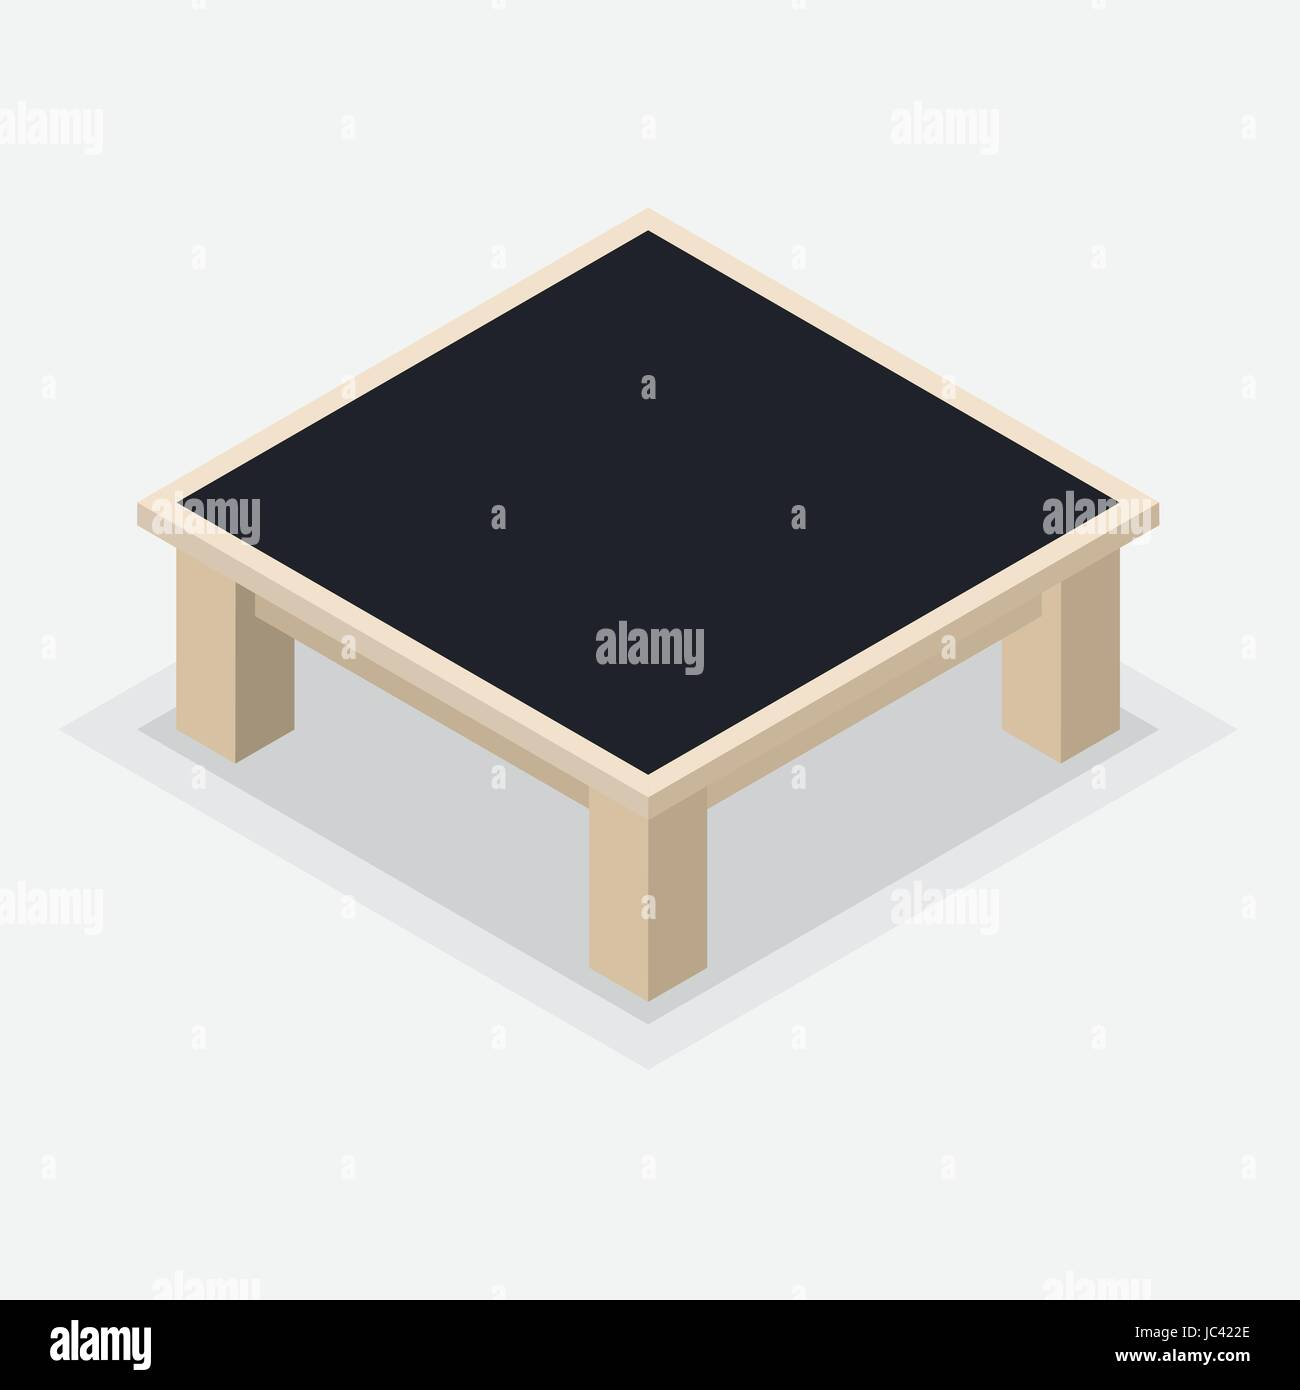 Mesa de café de madera aislados. Mesa cuadrada y patas cortas, estilo isométrico sobre fondo blanco - ilustración vectorial. Ilustración del Vector